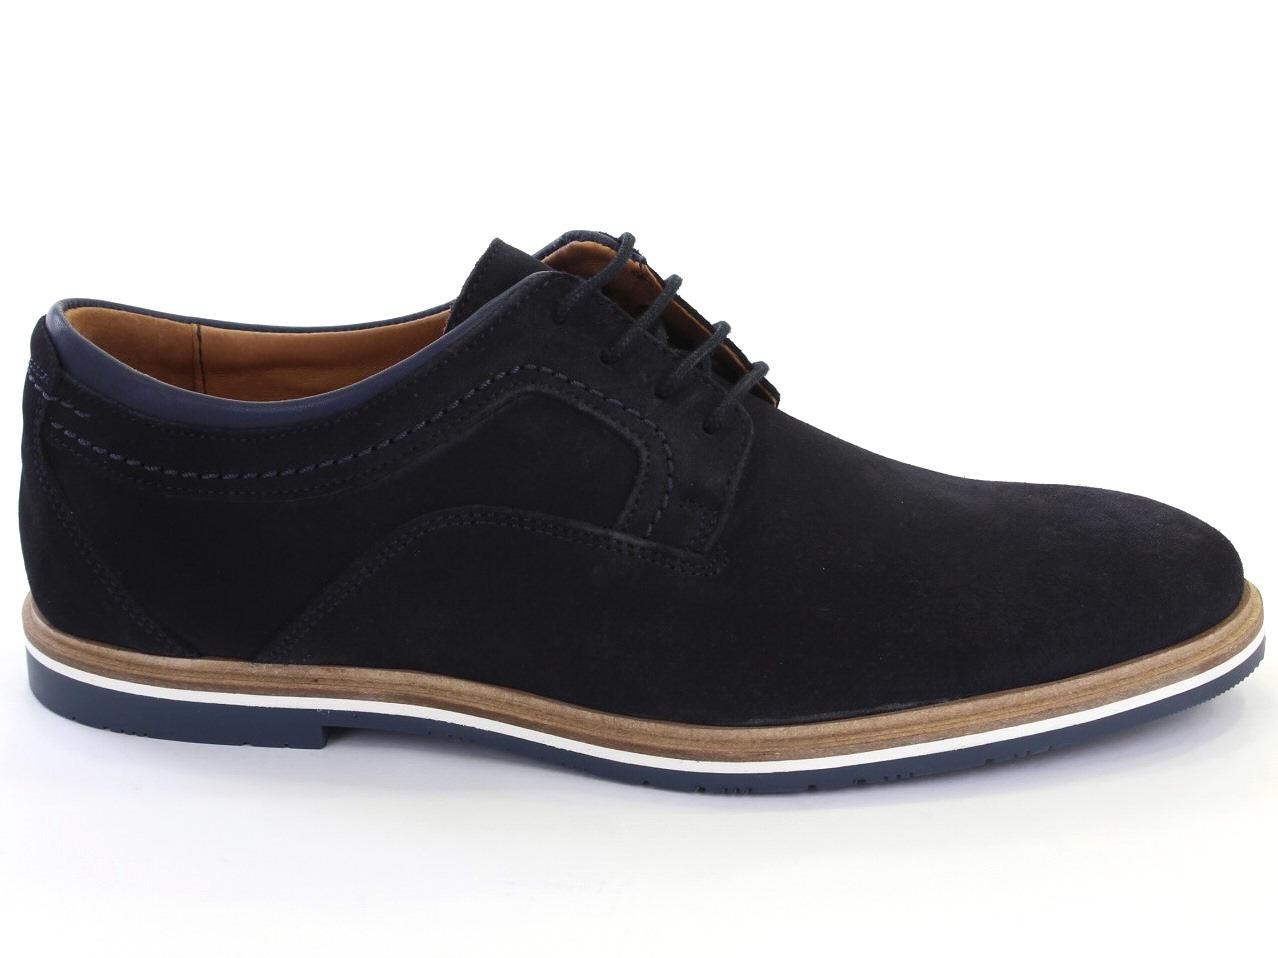 Sapatos Atacador Glispe - 650 1110064